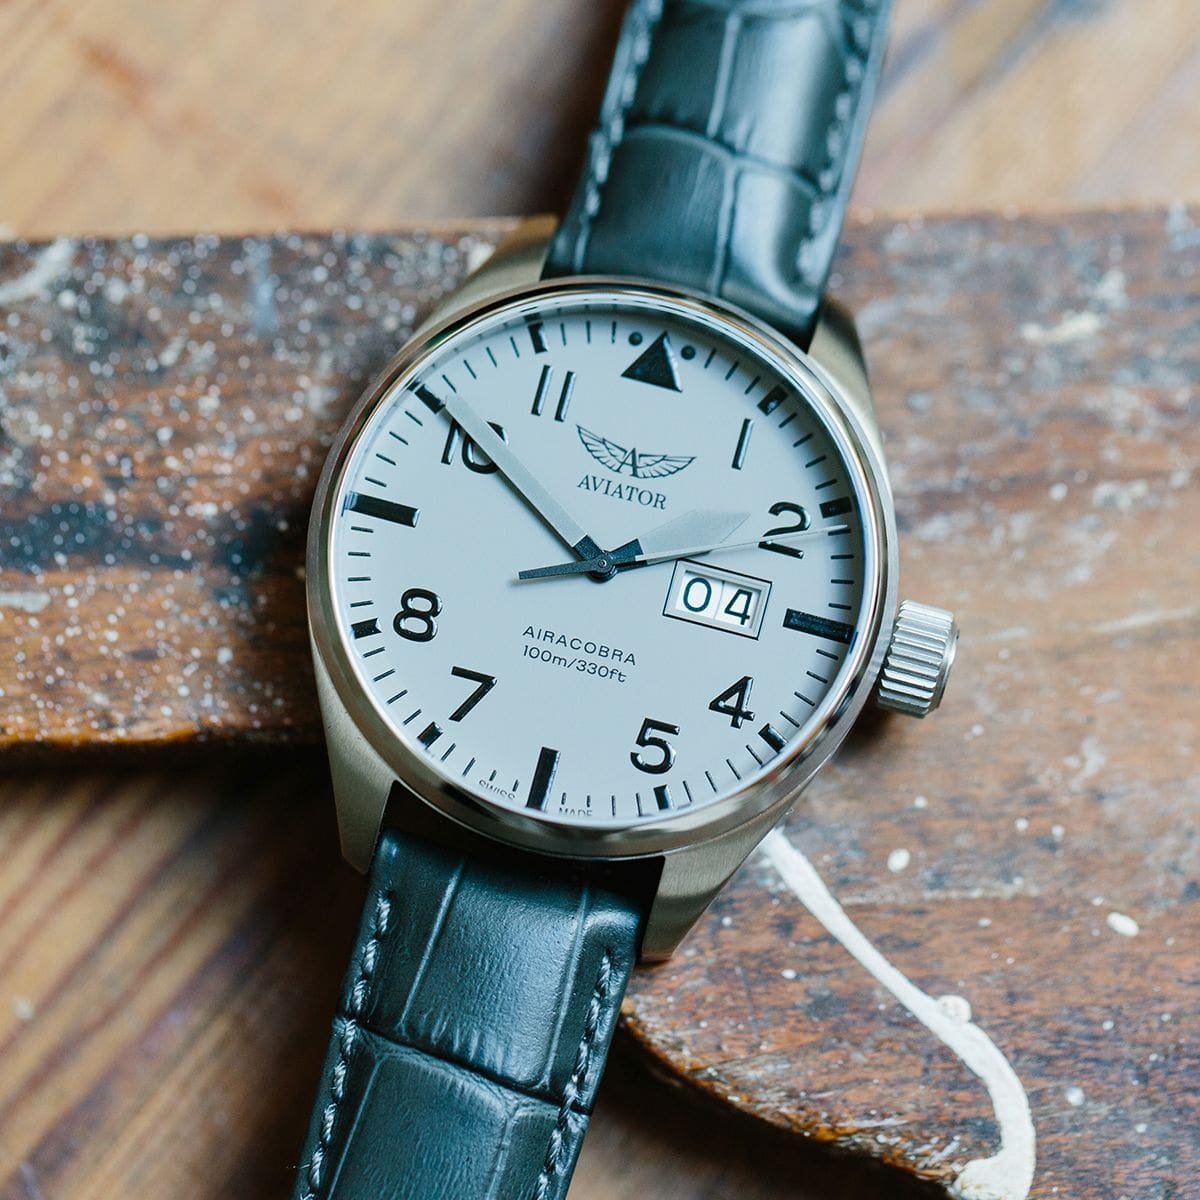 Elegancki, męski zegarek Aviator na skórzanym niebieskim pasku z srebrną stalową kopertą. Analogowa tarcza zegarka jest w kolorze białym z czarnymi indeksami oraz datownikiem na godzinie 3.